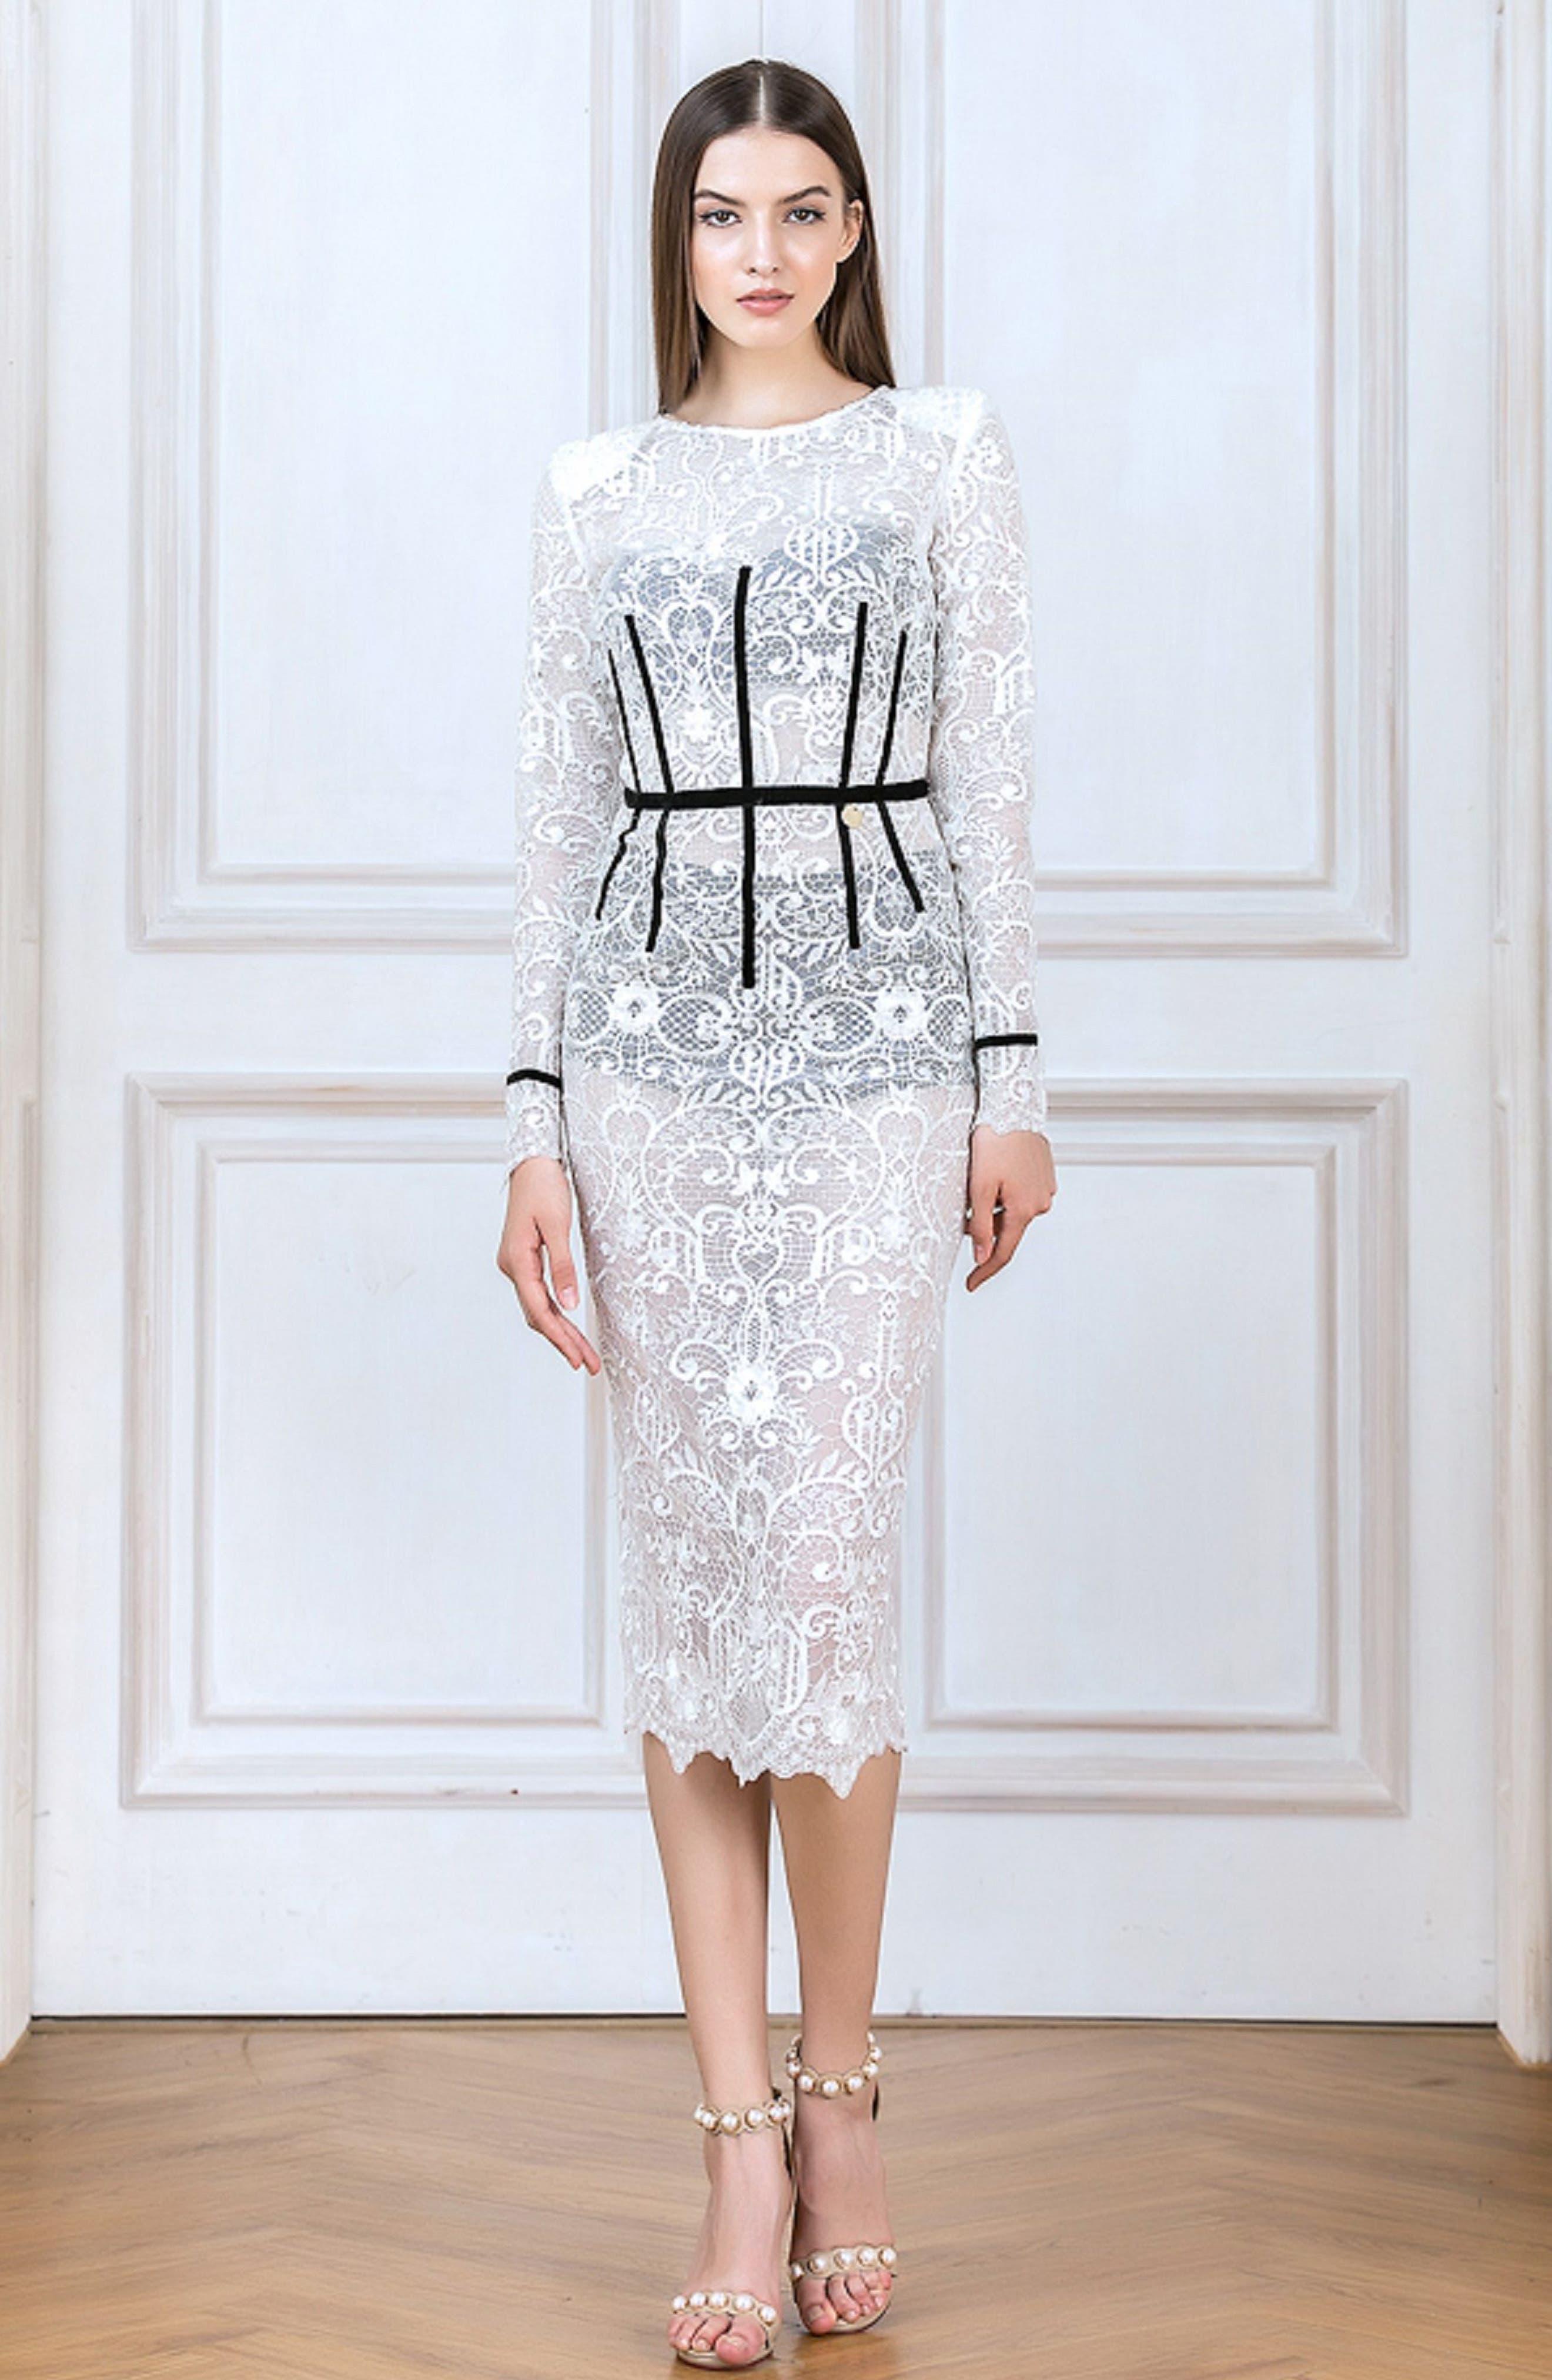 Venice Derby Lace Pencil Dress,                             Alternate thumbnail 7, color,                             100